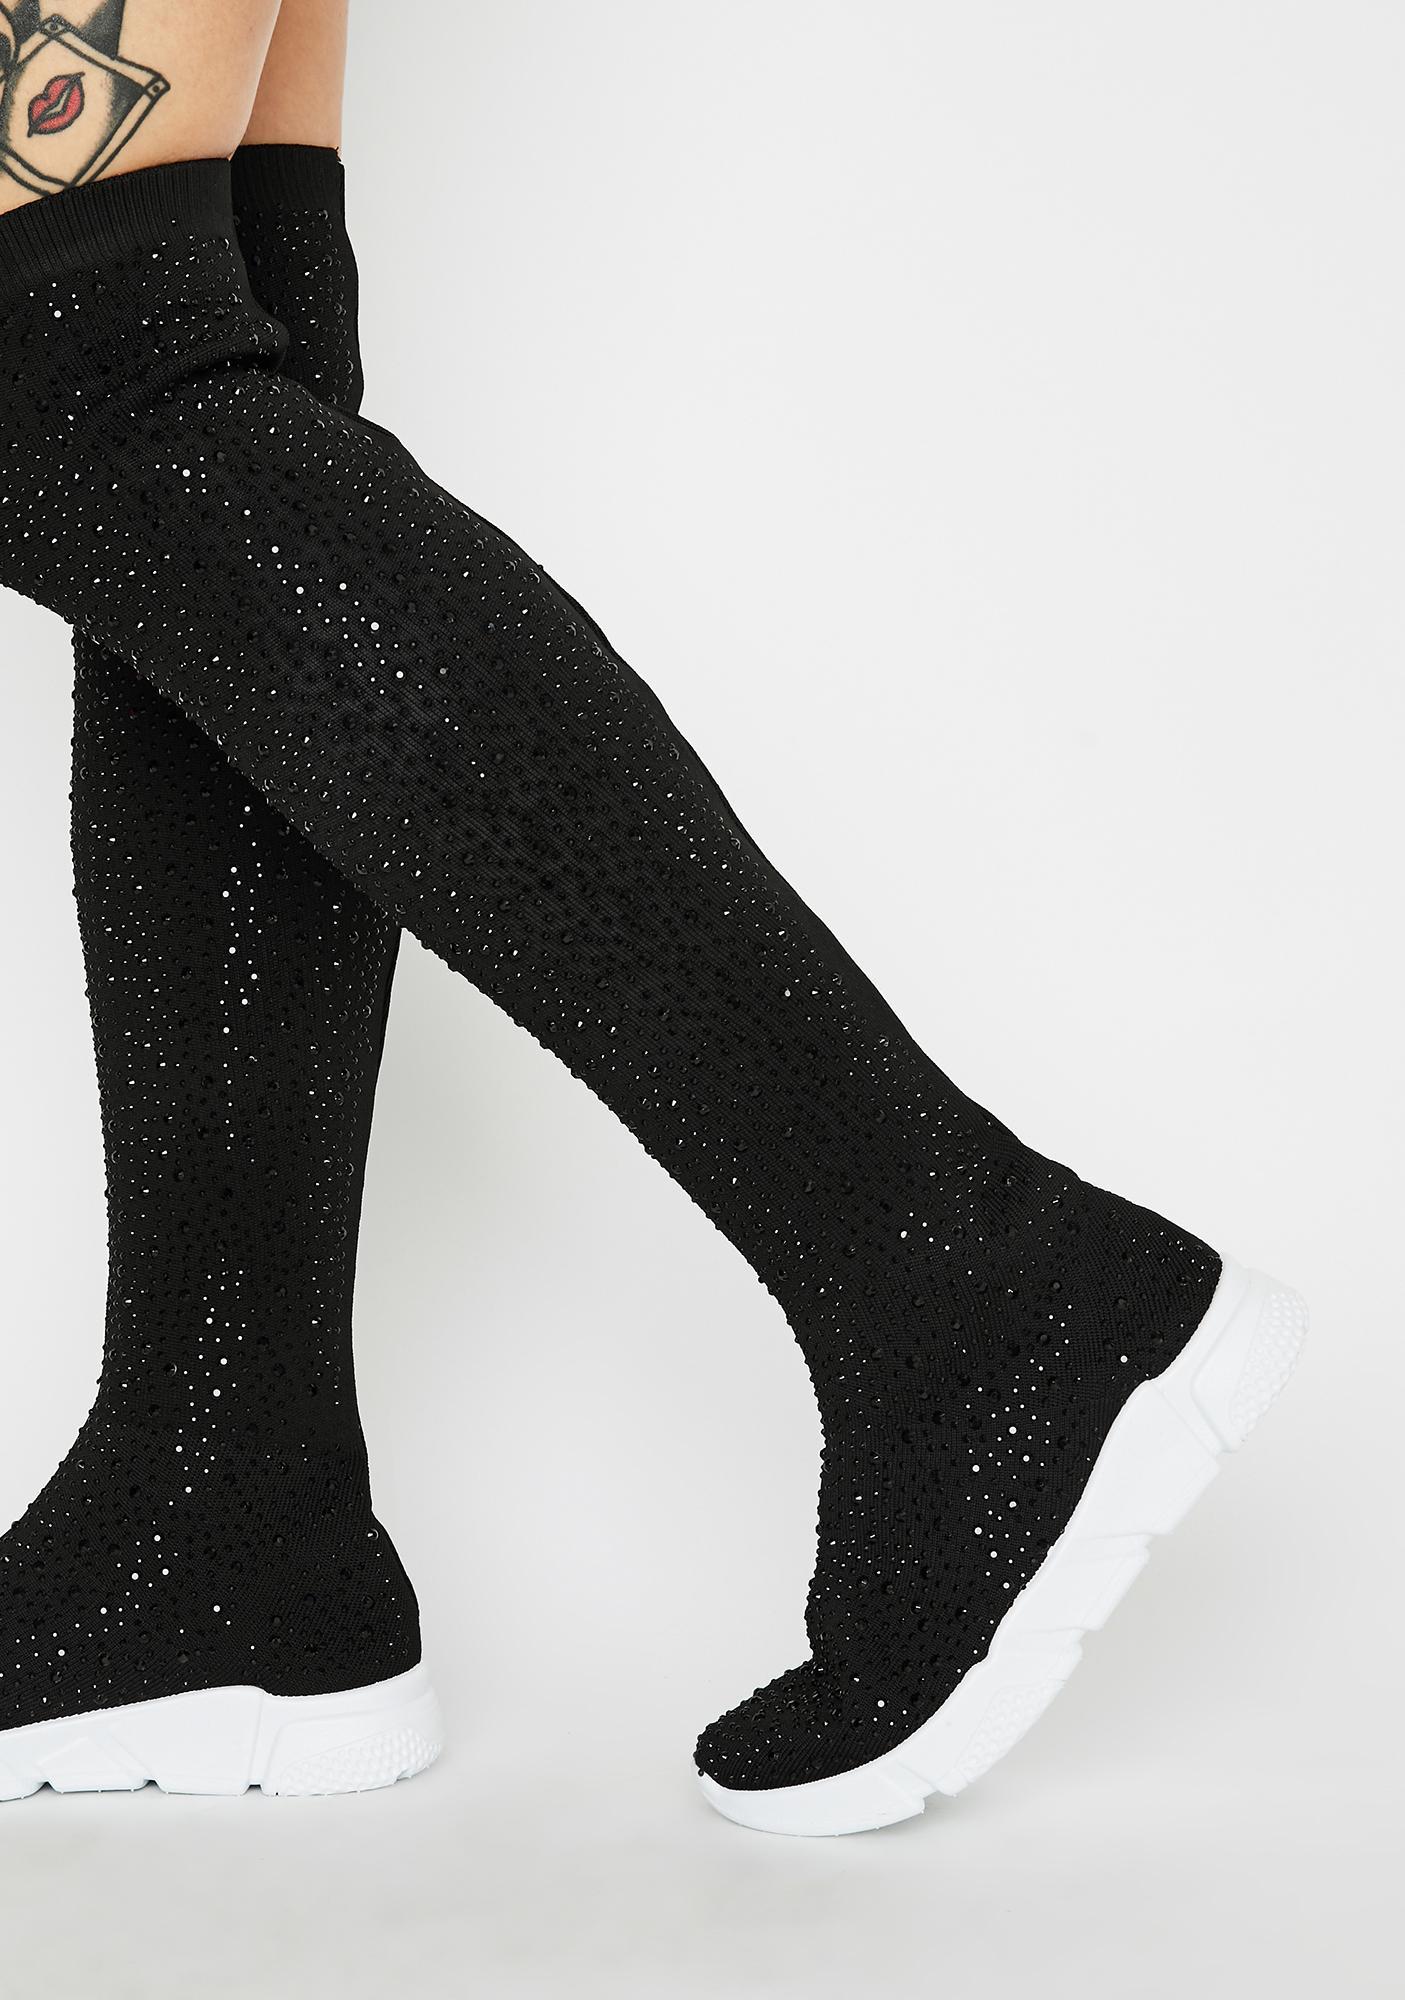 Rhinestone Sock Sneakers | Dolls Kill